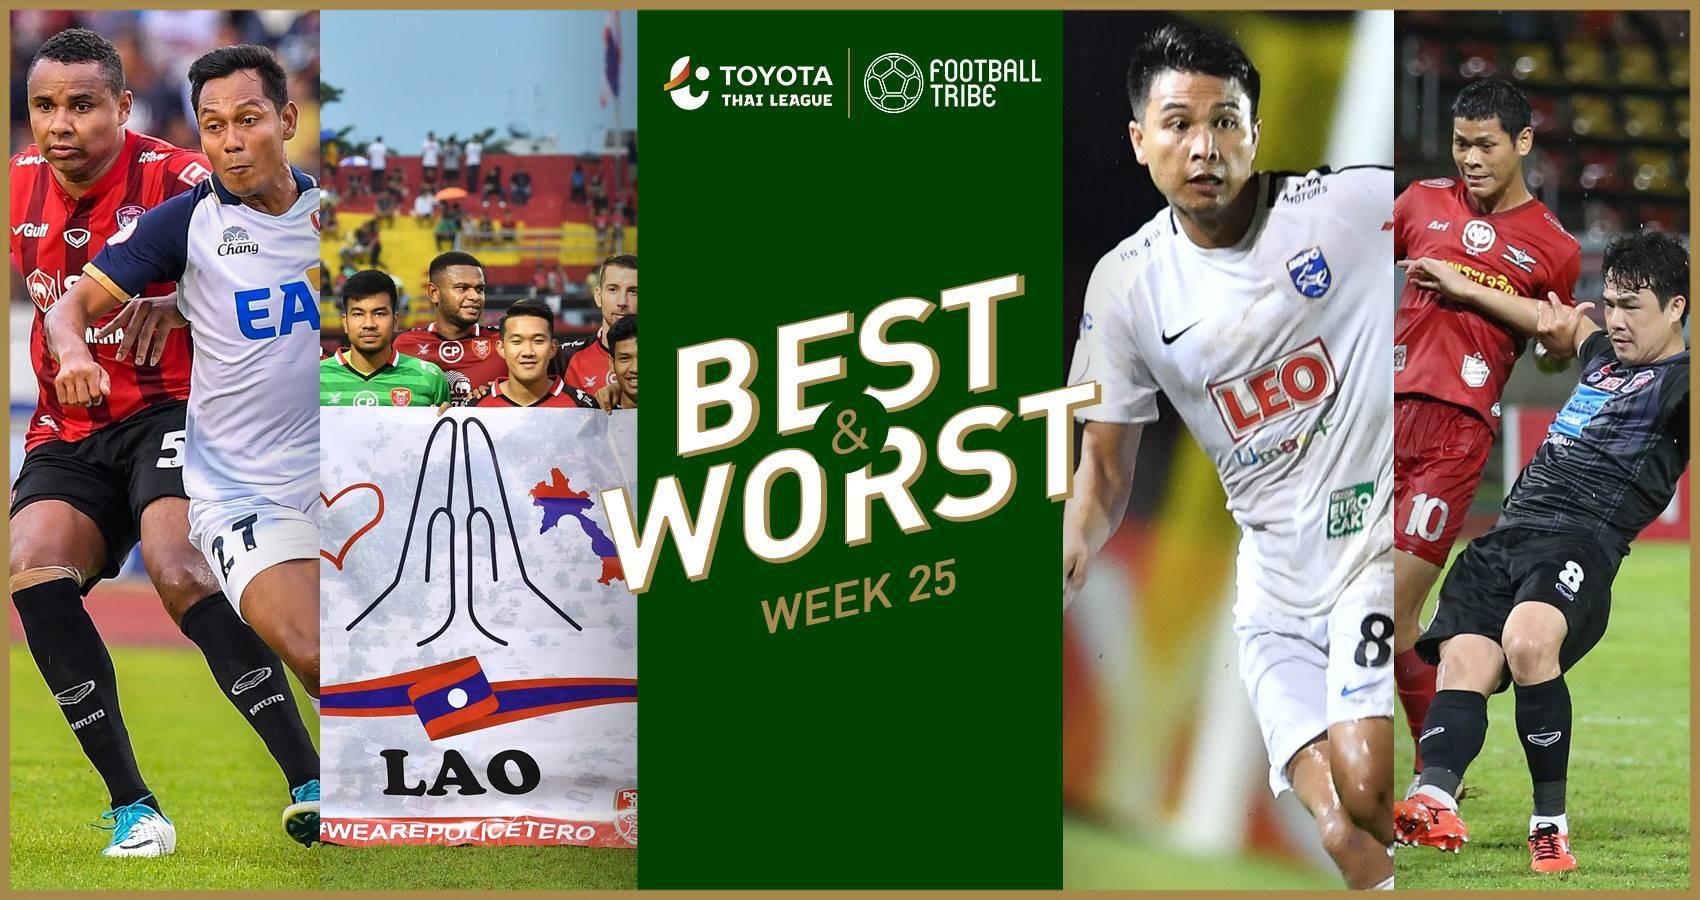 BEST & WORST: ยอดเยี่ยม-ยอดแย่ โตโยต้าไทยลีก 2018 นัดที่ 25